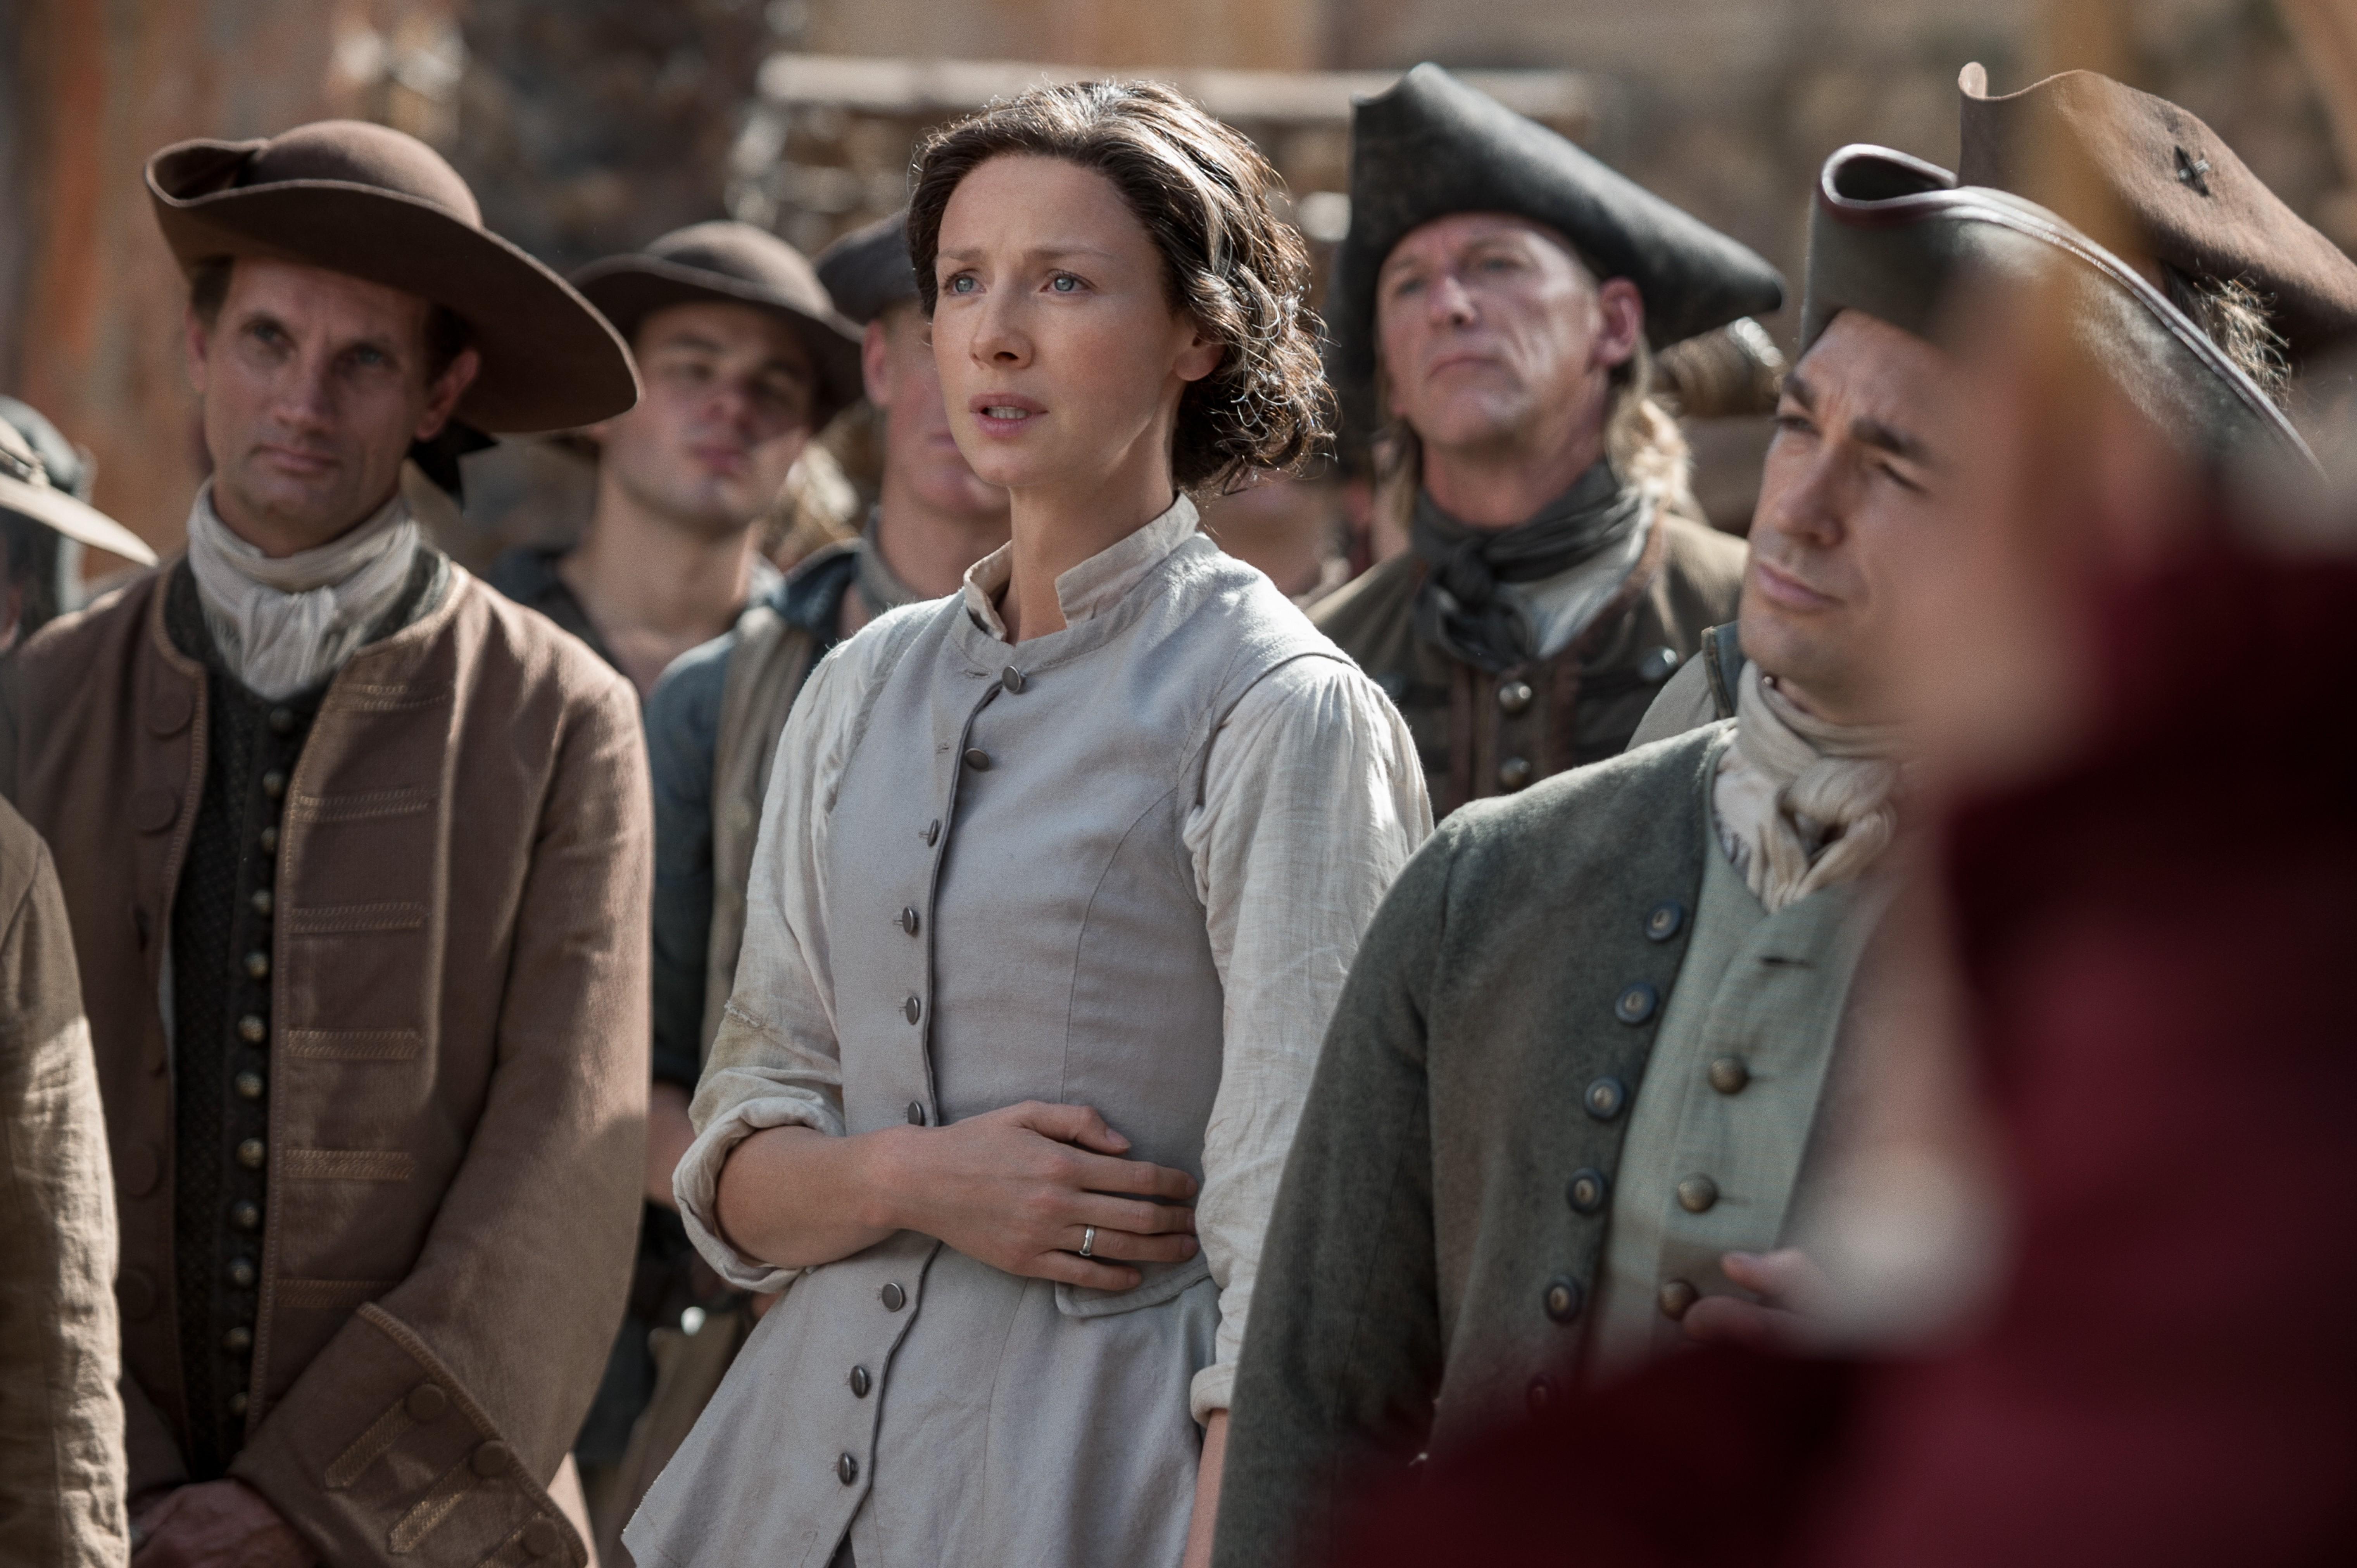 outlander serie de televisión 2014 imágenes Outlander